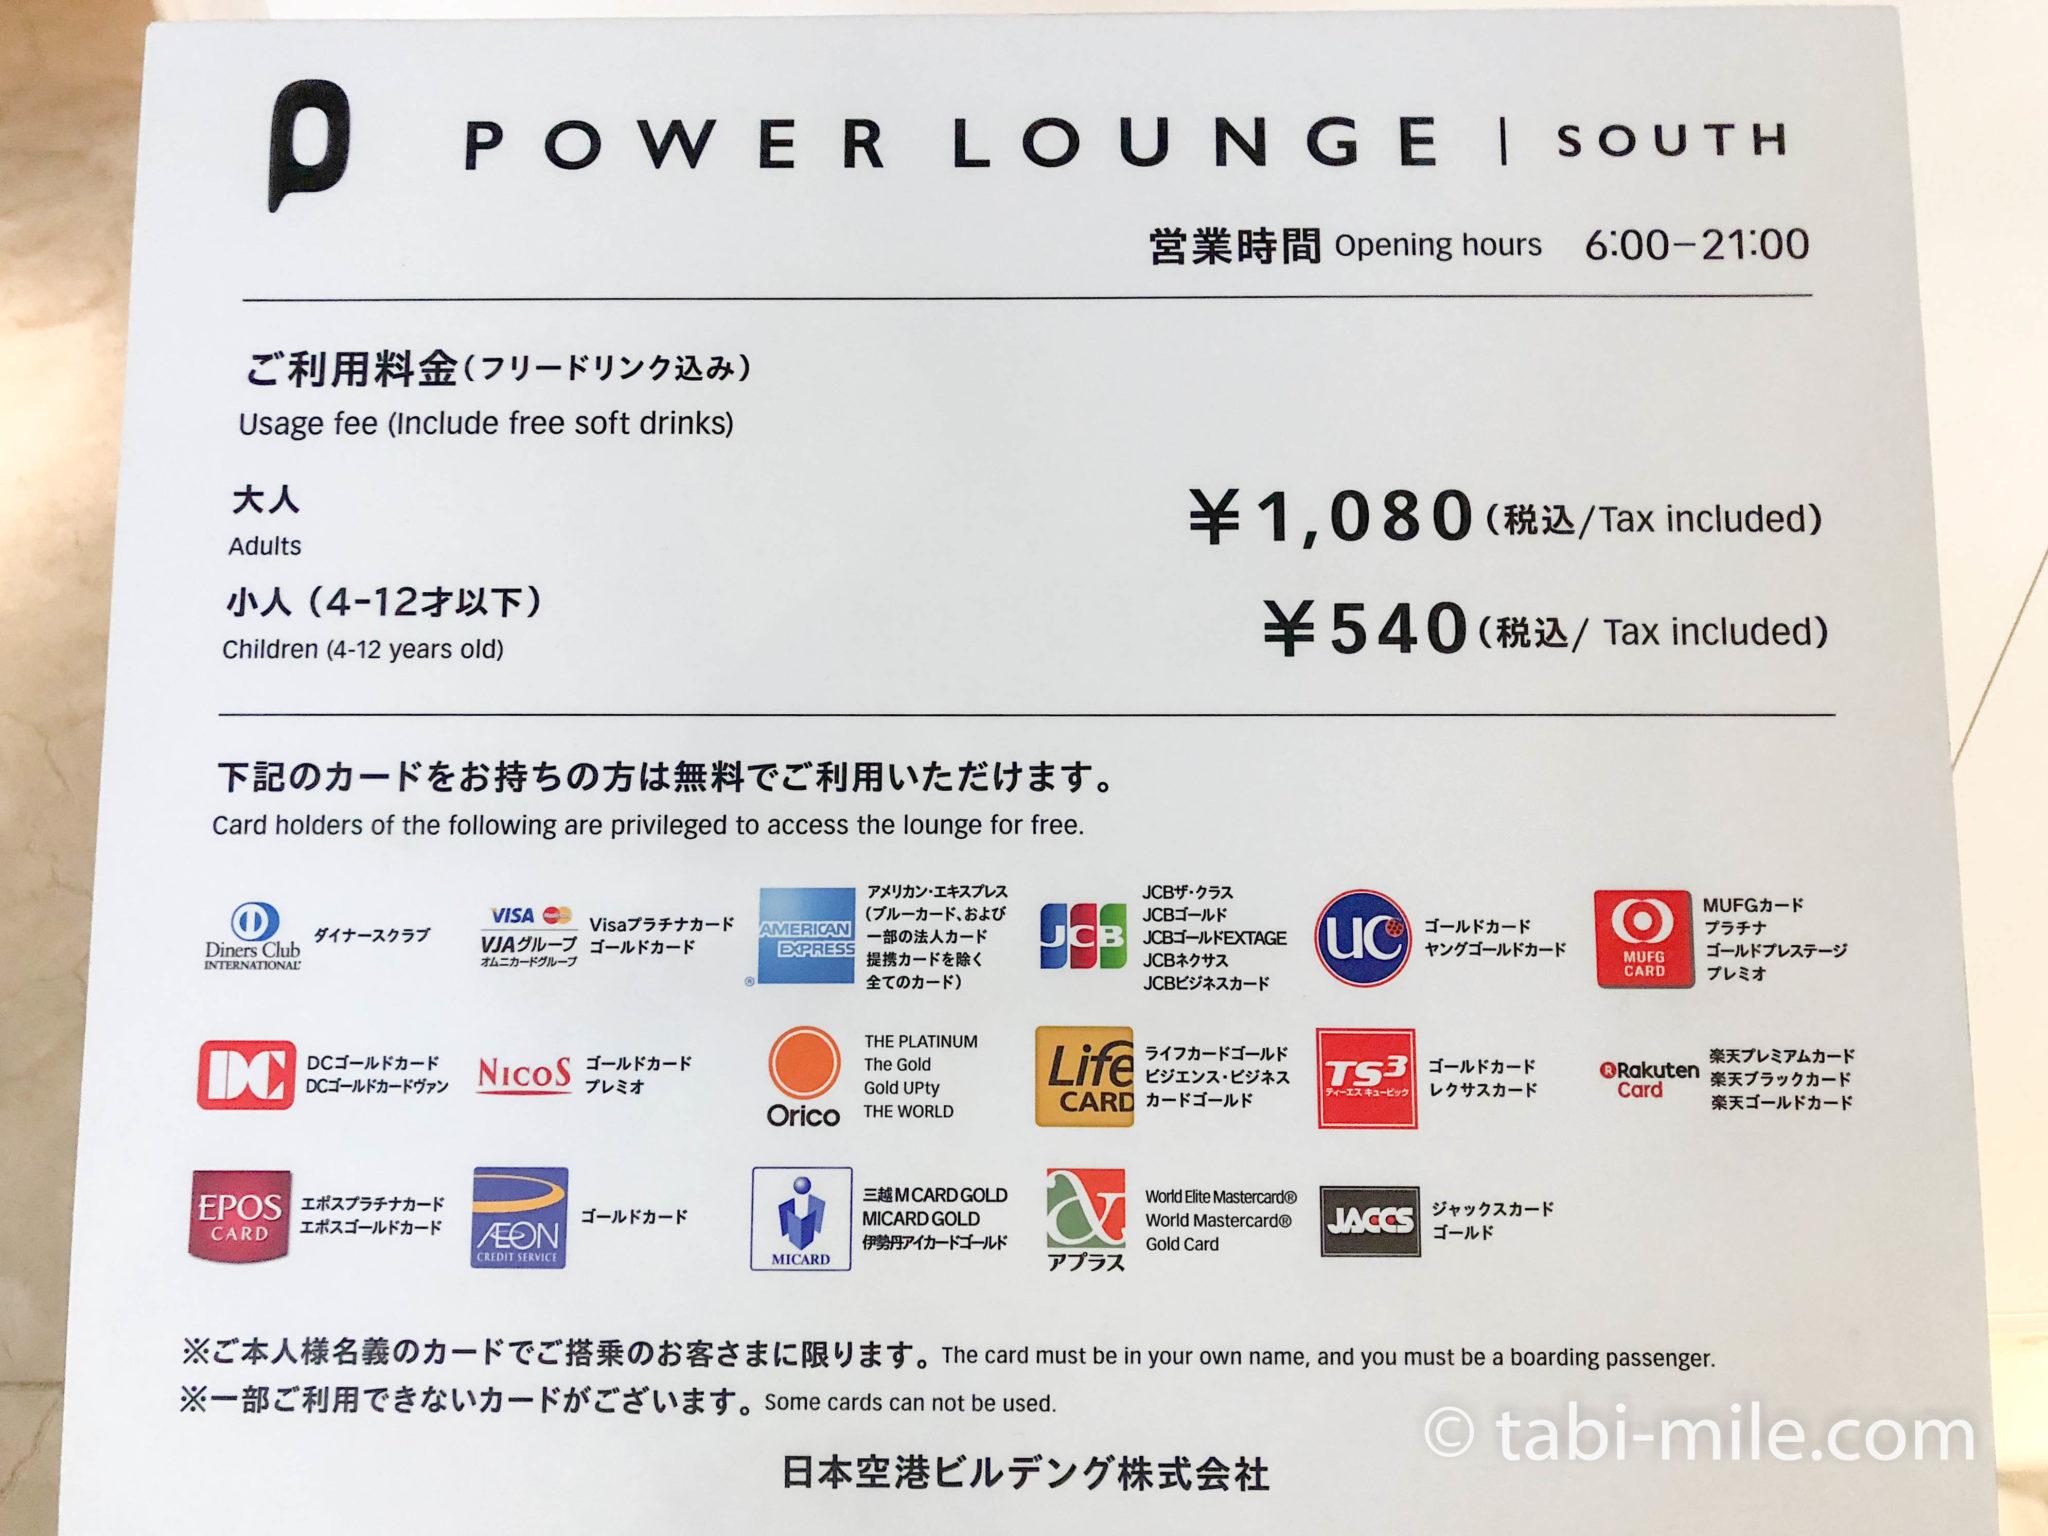 空港ラウンジが無料で使えるクレジットカード